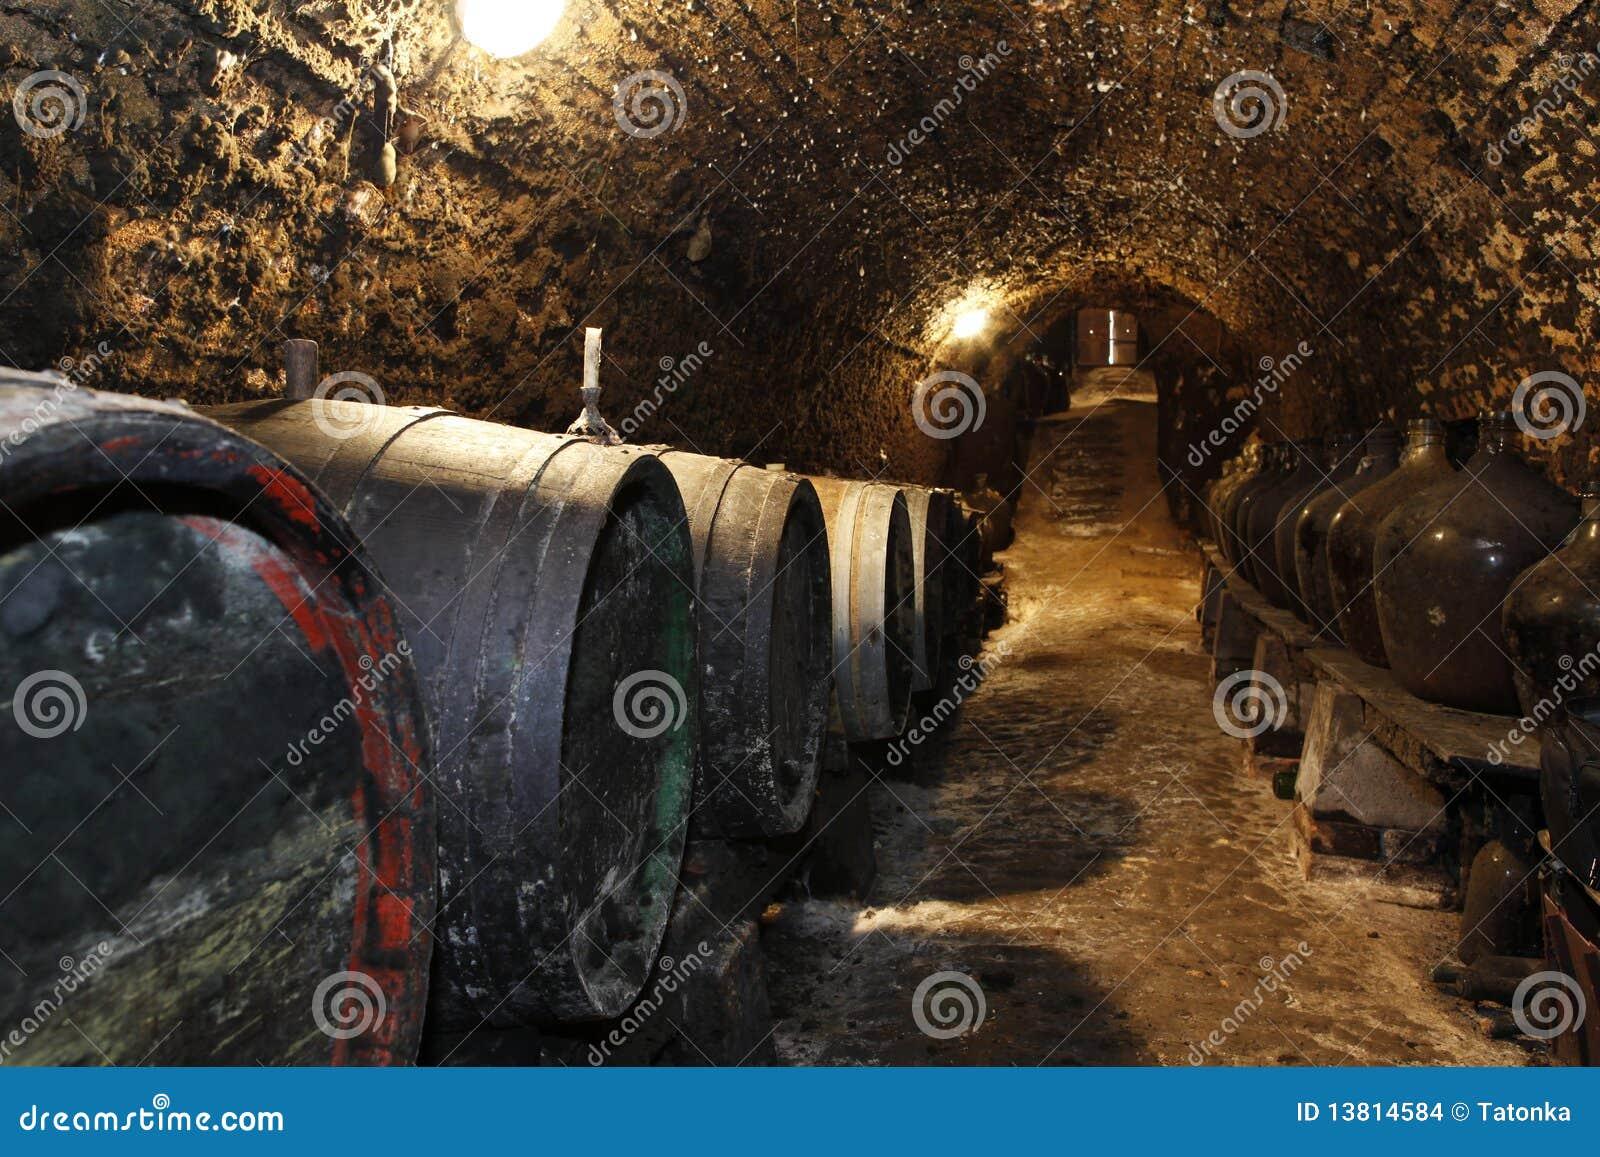 Fußboden Aus Alten Weinfässern ~ Alte weinfässer im keller stockfoto. bild von glas faß 13814584